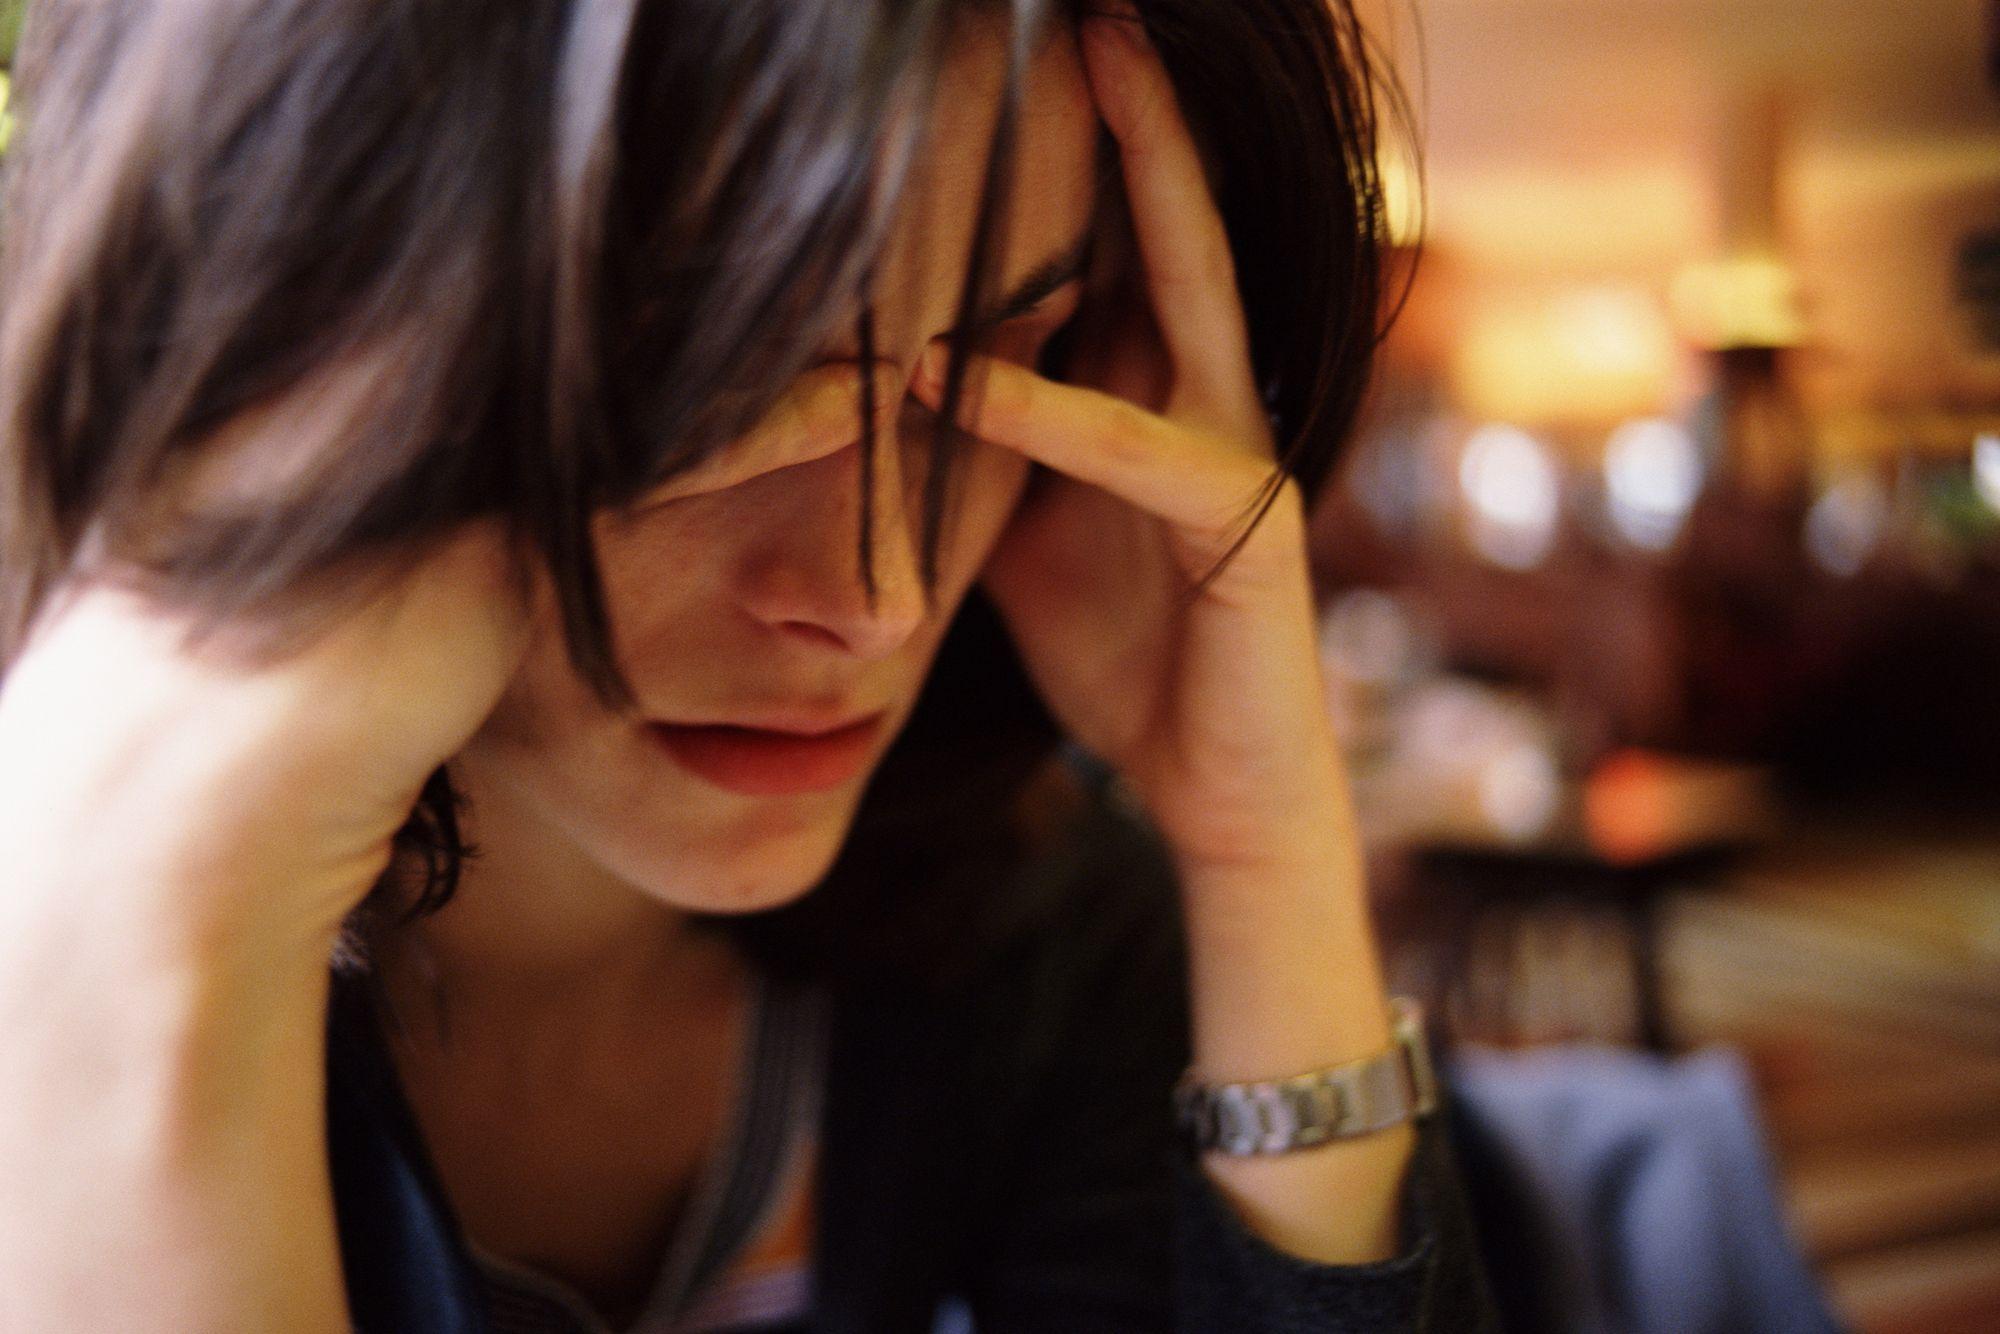 الألم والتخلص من السلوكيات السيئة